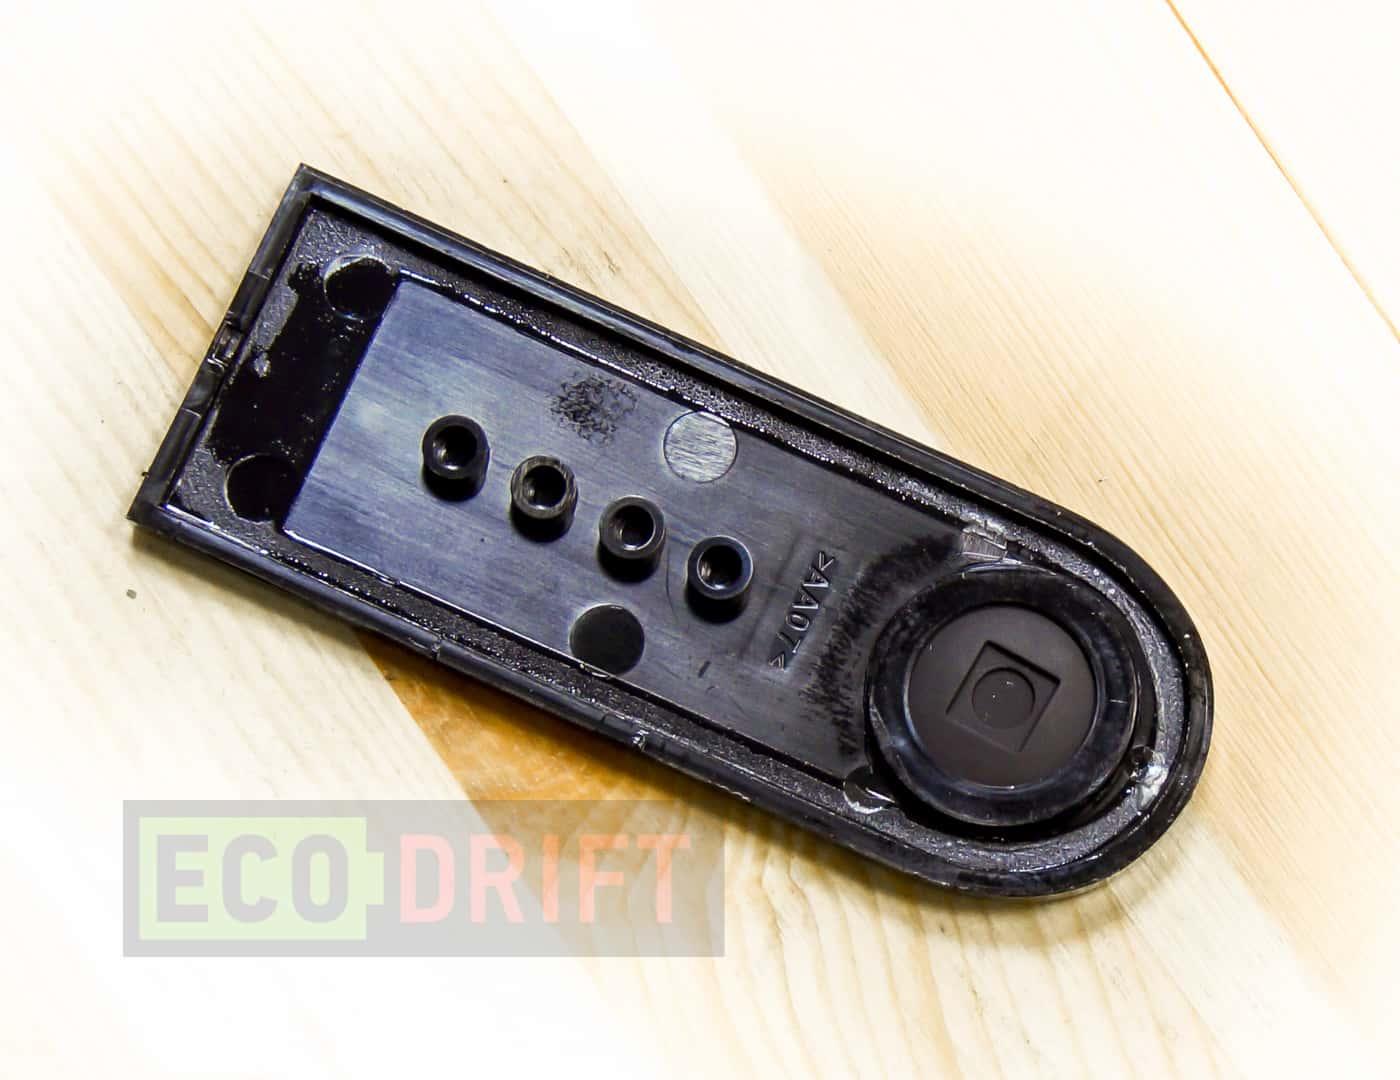 Xiaomi_Mijia_Electric_Scooter_germetichnaya_rezinovaya_knopka